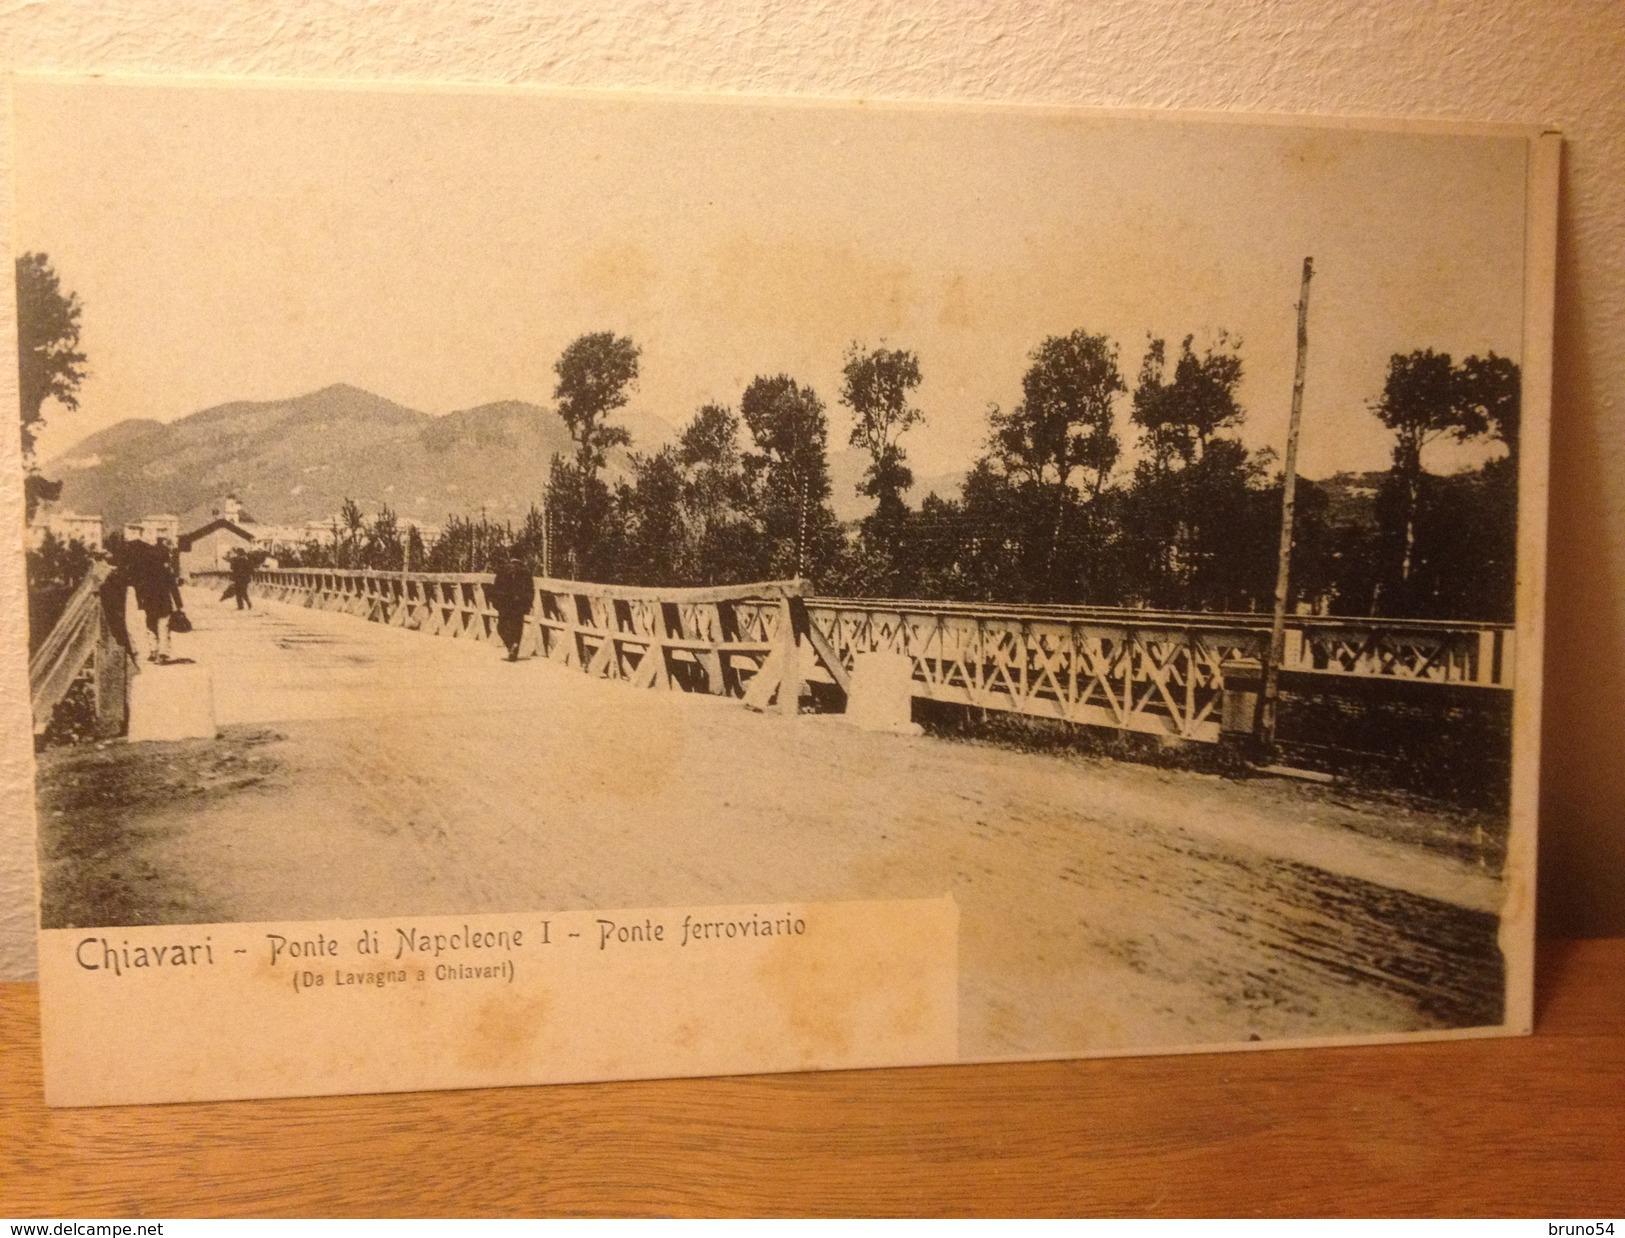 Cartolina Chiavari Genova Ponte Di Napoleone  Ponte Ferroviario  Formato Piccolo Non Viaggiata Primi Novecento - Italie